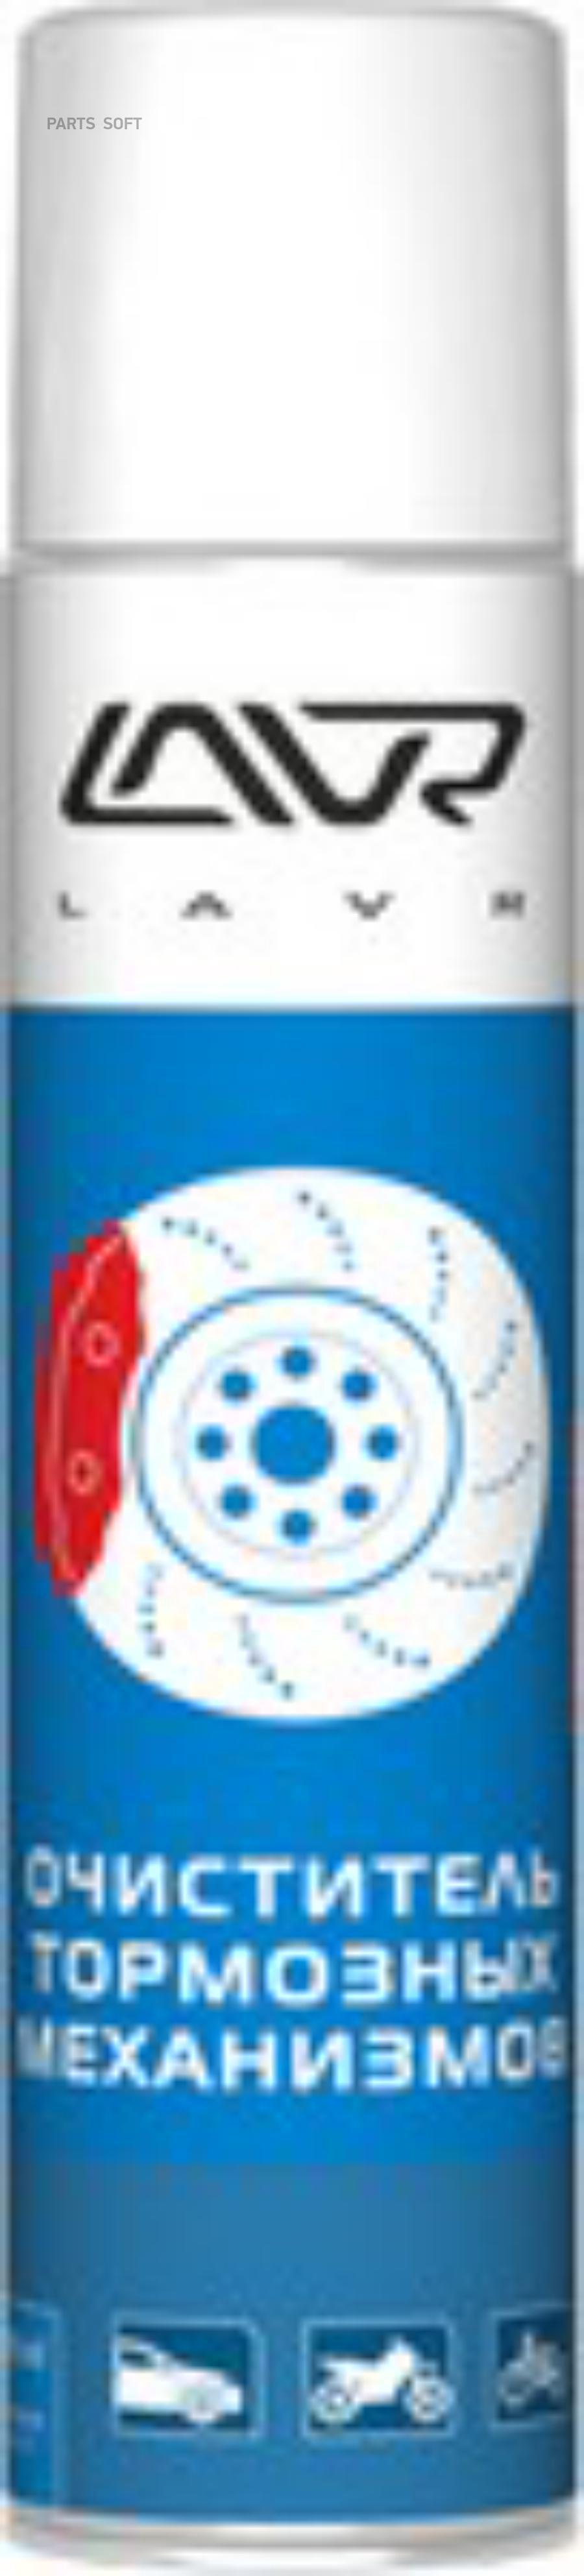 Очиститель тормозных механизмов LAVR Brake parts cleaner 400мл (аэрозоль)